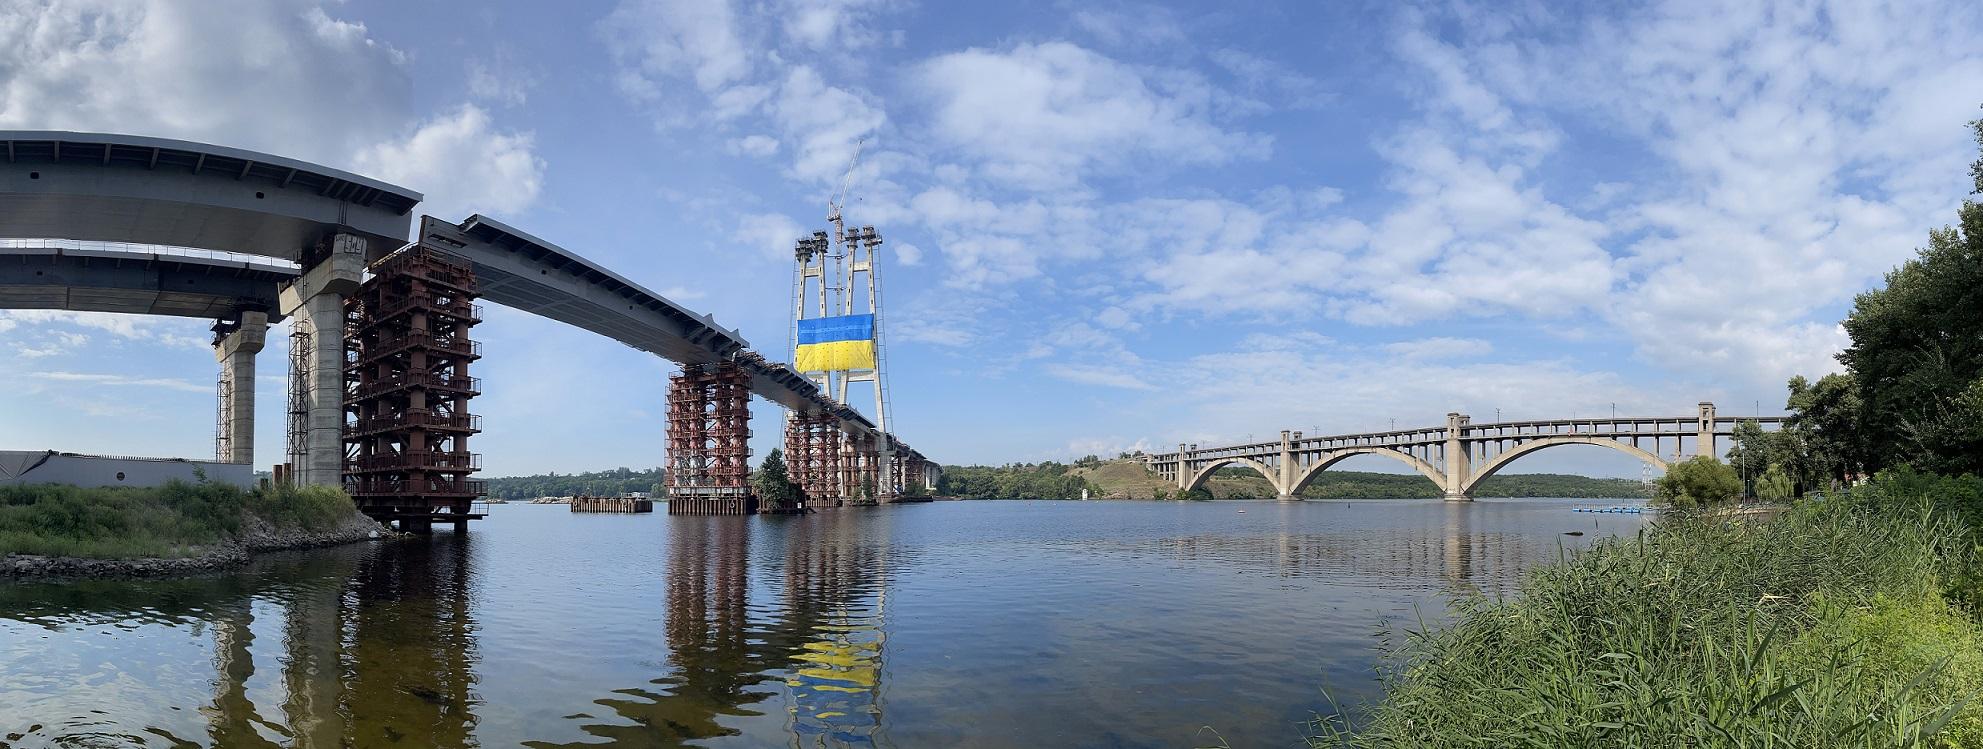 «Запорожсталь» установил национальный флаг Украины на самой высокой точке над рекой Днепр